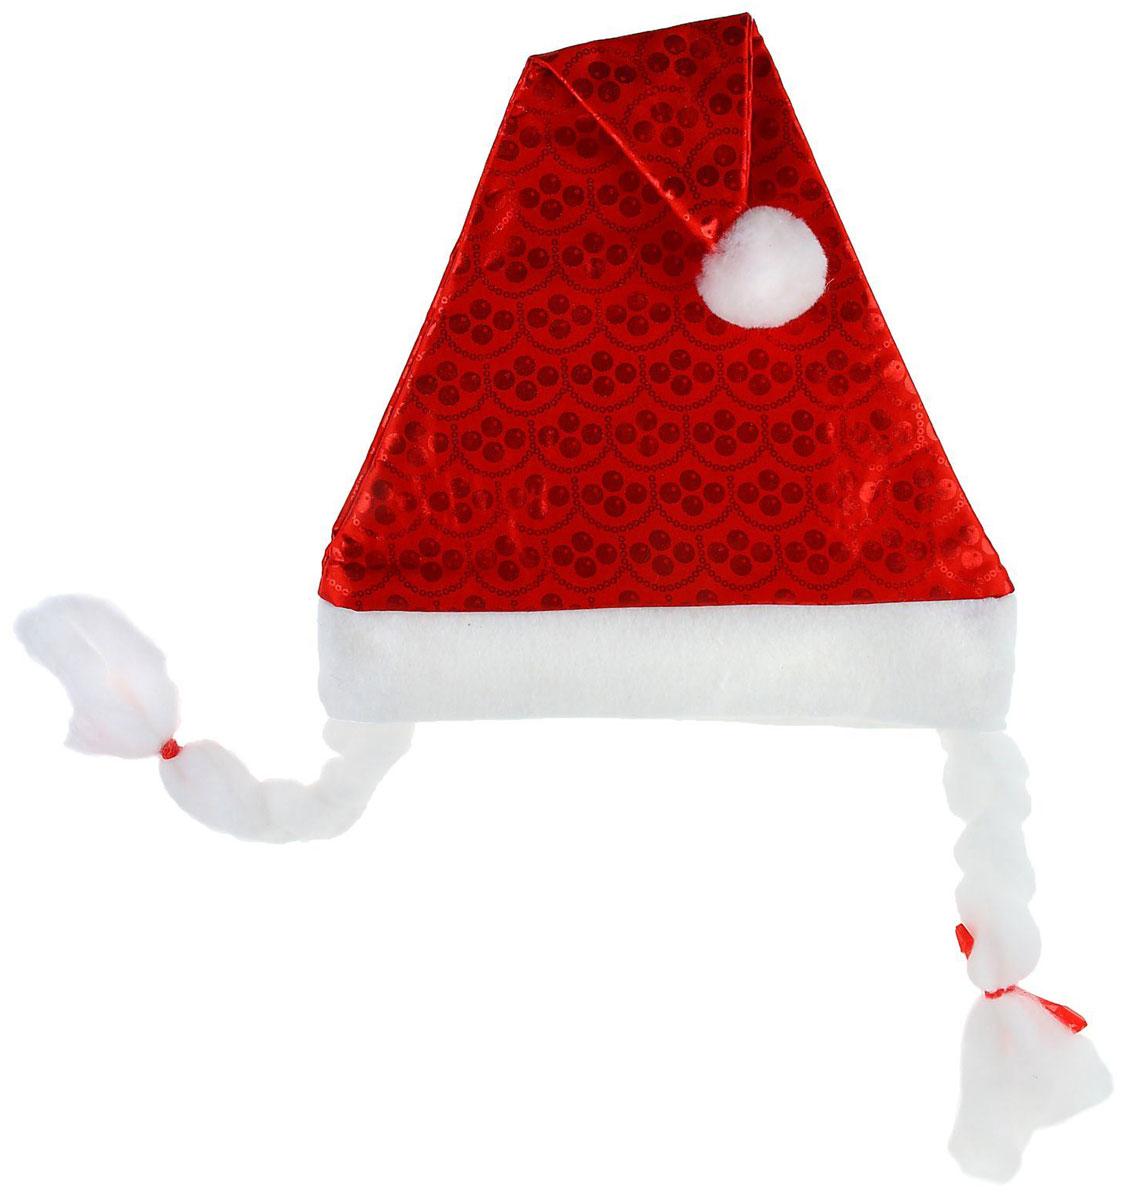 Колпак новогодний Точки, с косичками, 27 х 42 см1112359Поддайтесь новогоднему веселью на полную катушку! Забавный колпак в секунду создаст праздничное настроение, будь то поздравление ребятишек или вечеринка с друзьями. Размер изделия универсальный: аксессуар подойдет как для ребенка, так и для взрослого. А мягкий текстиль позволит носить колпак с комфортом на протяжении всей новогодней ночи.